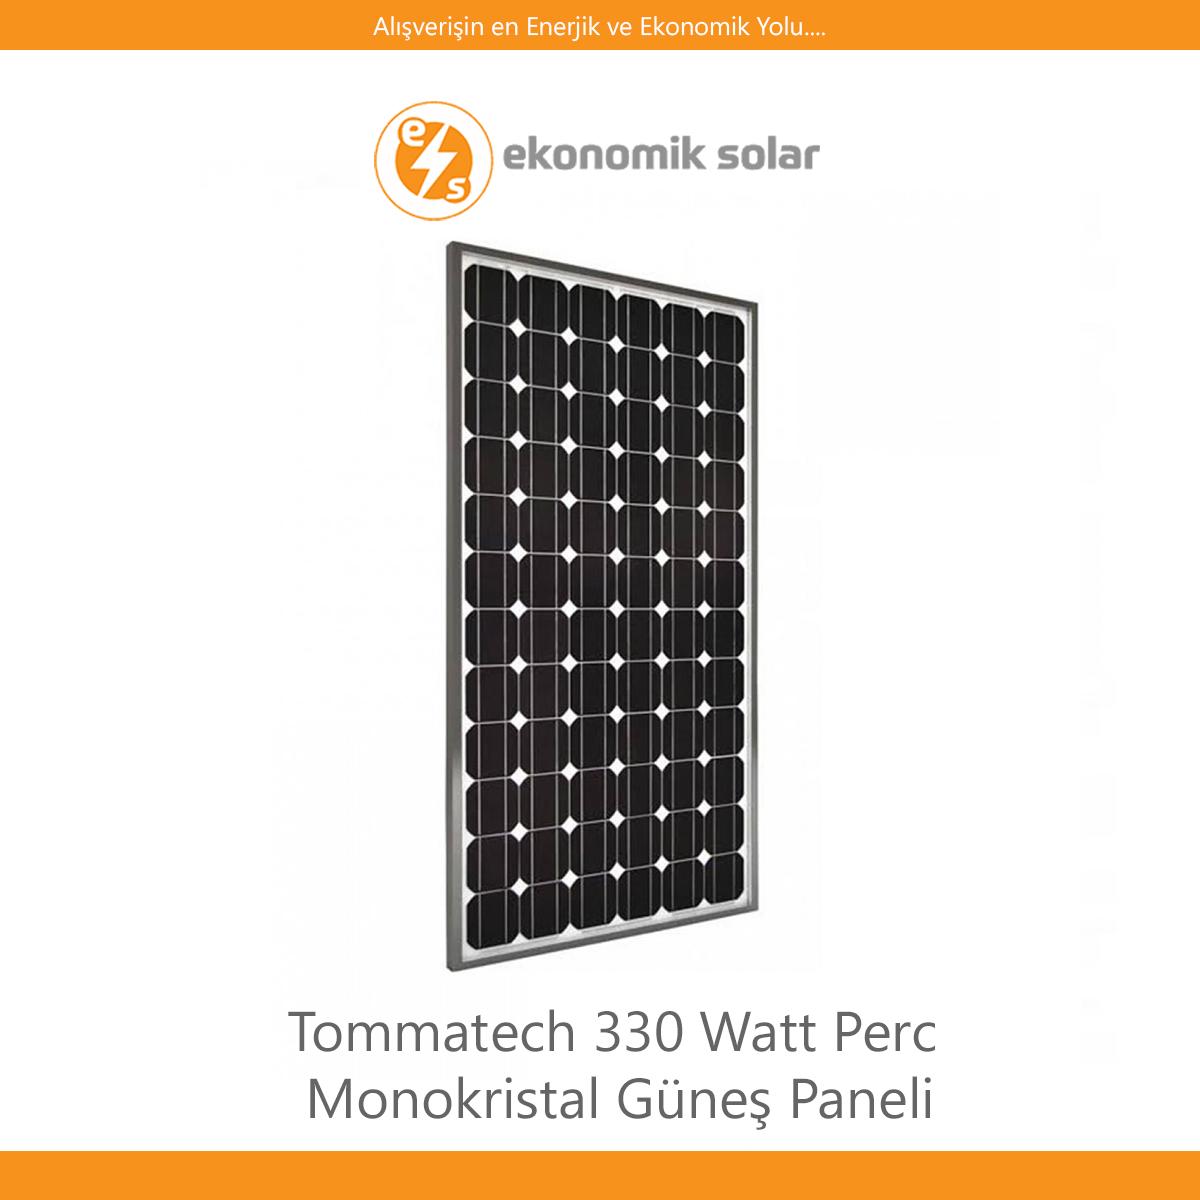 Tommatech Güneş Panellerinin Üstün Kalite İncelemeleri